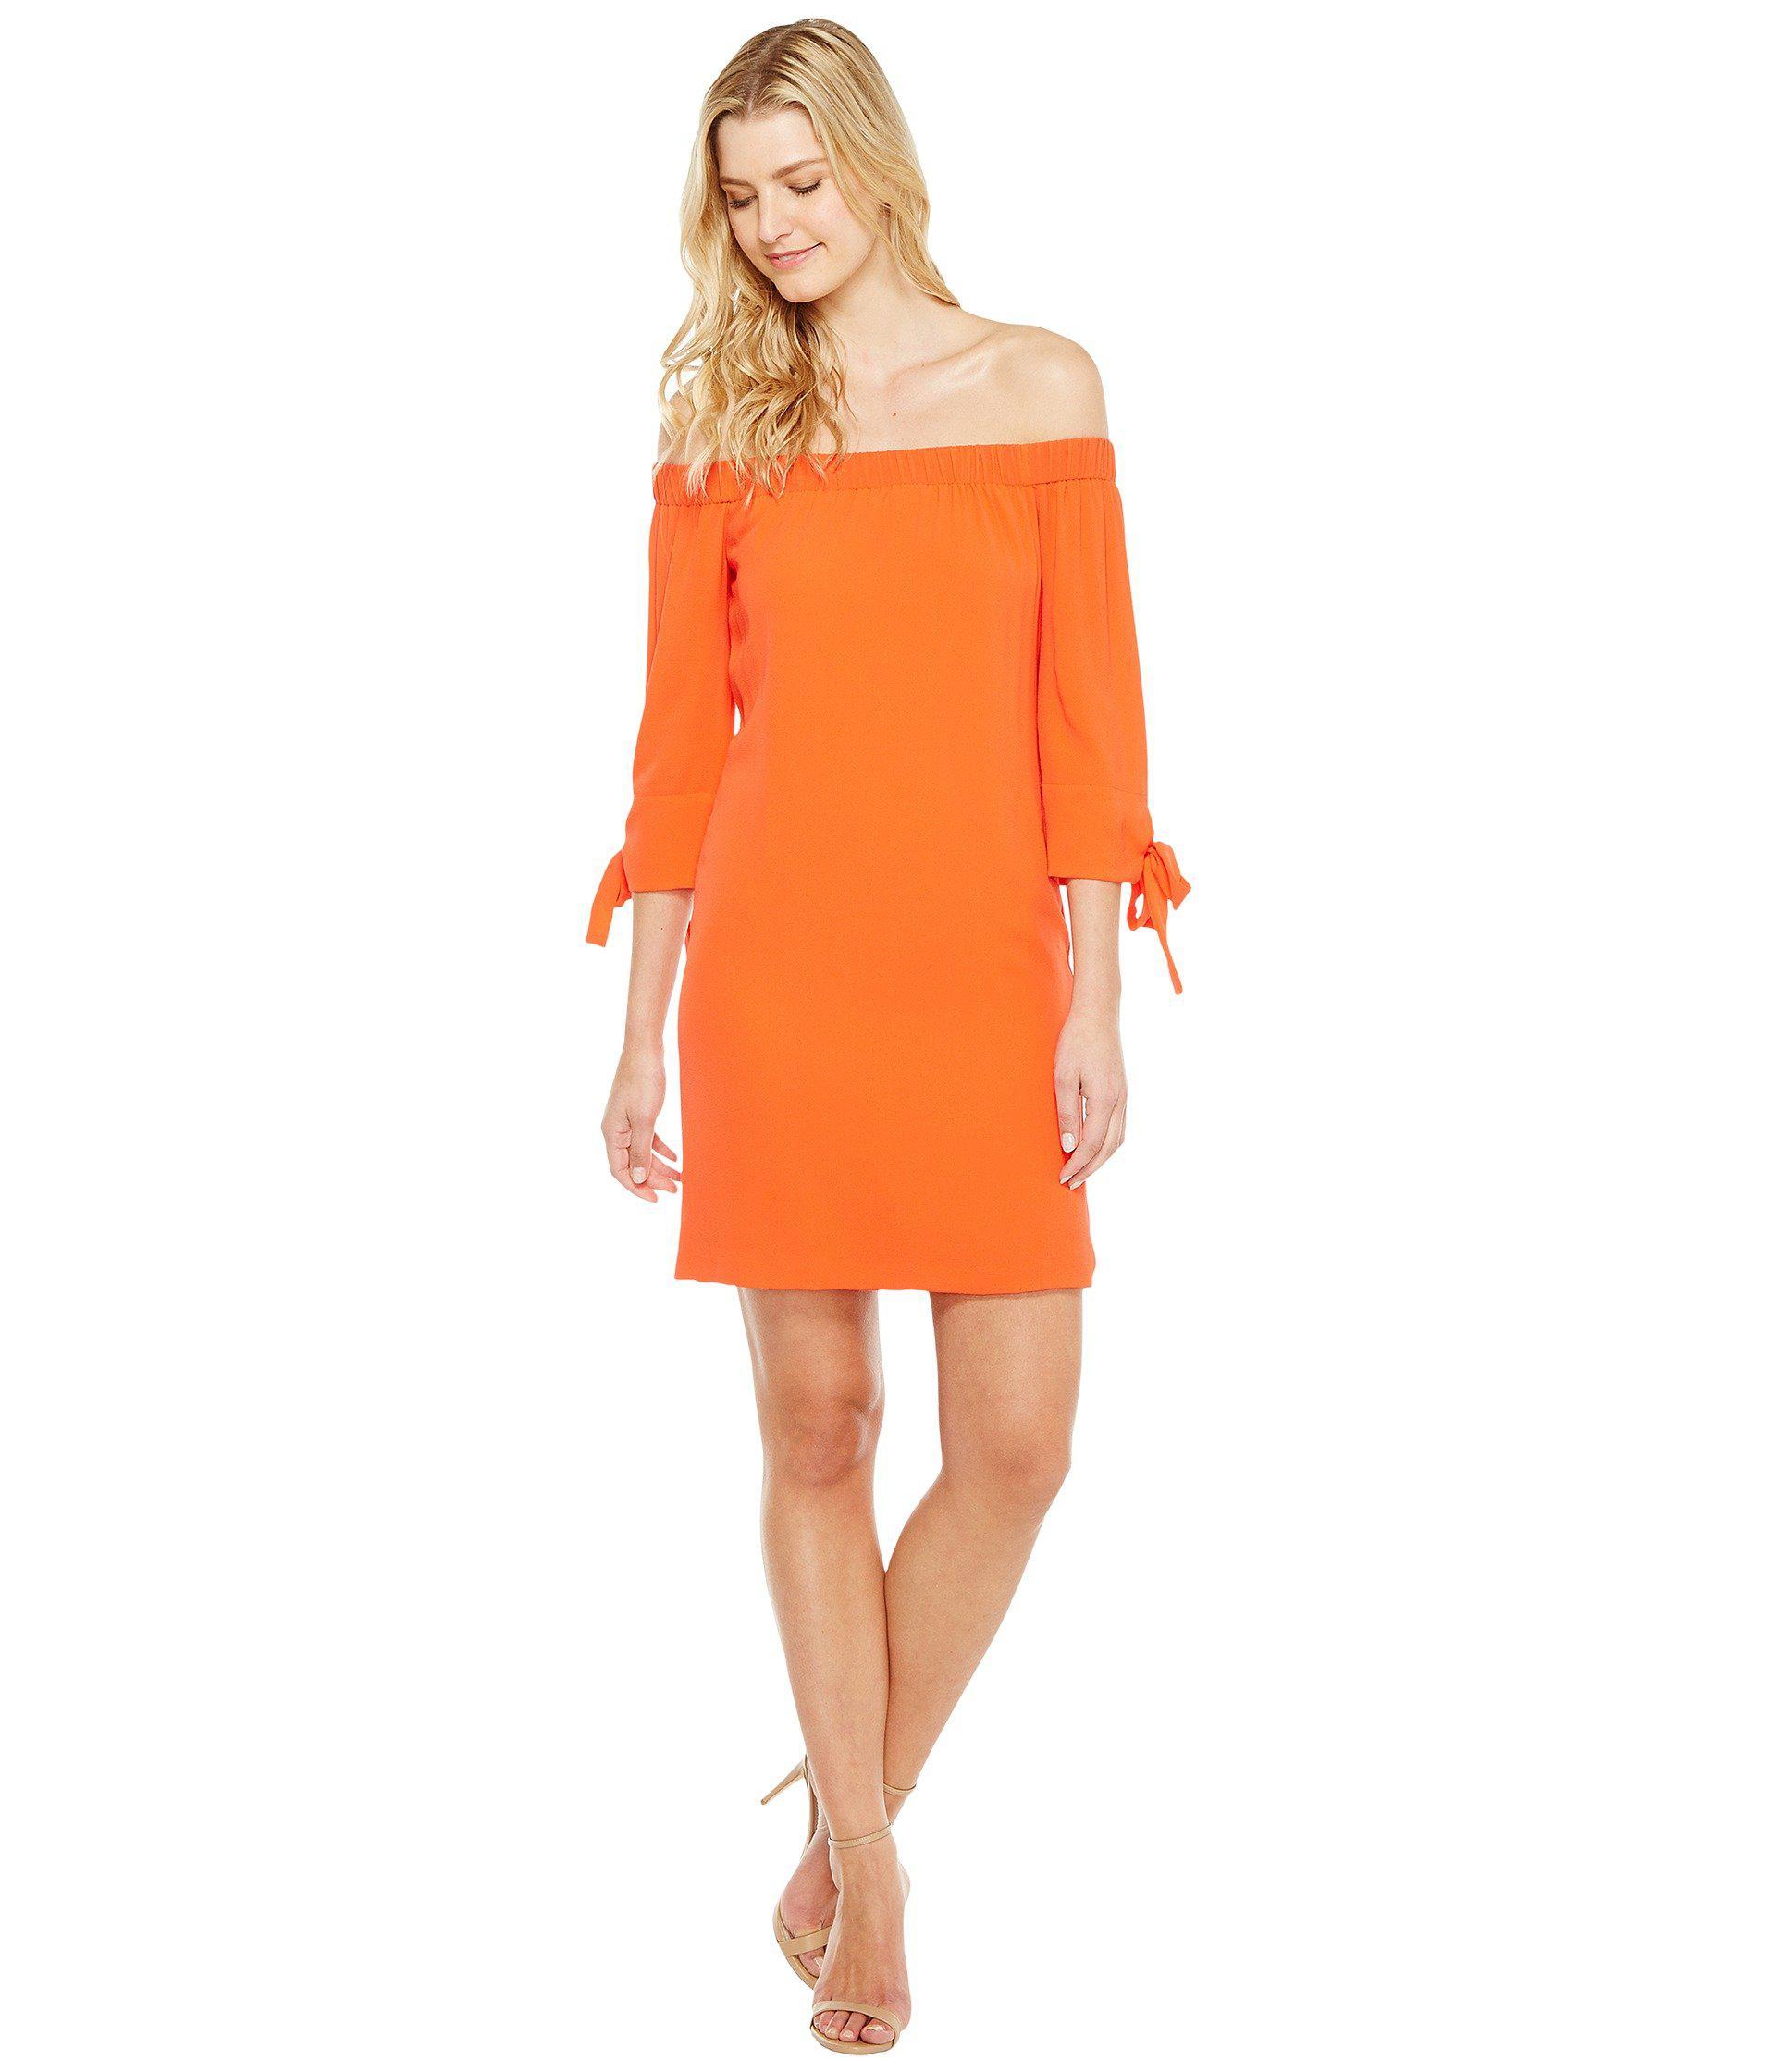 Lyst - Vince Camuto Crepe Off The Shoulder Shift Dress in Orange fe5d3169eb